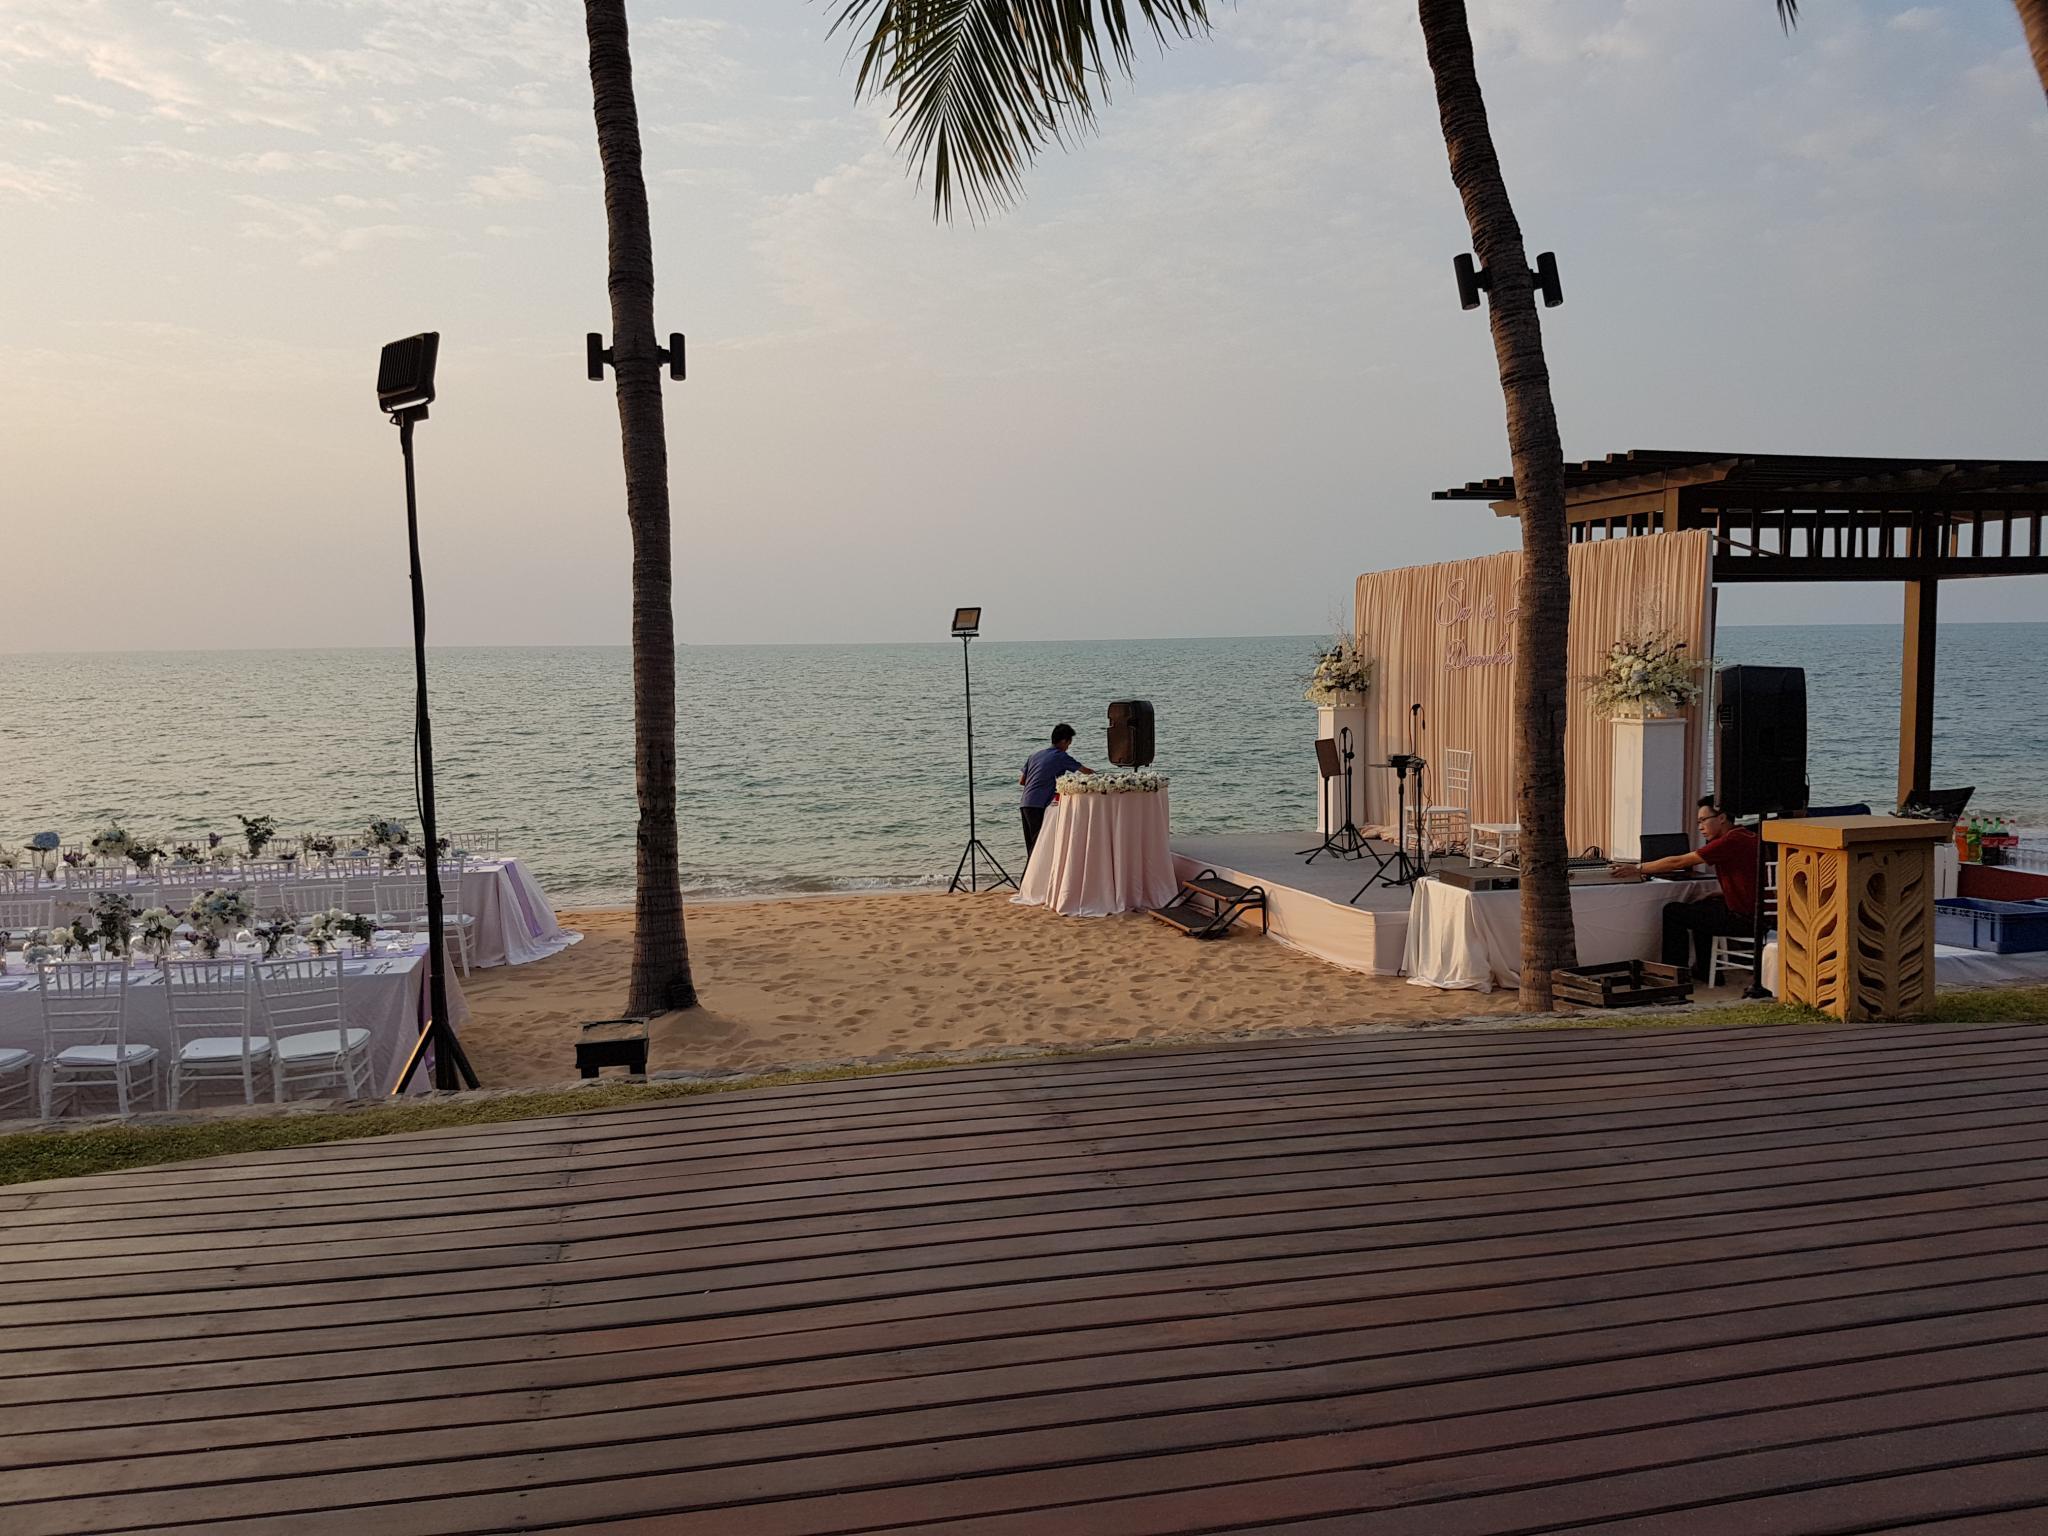 Bang Saray beach wedding & villa.-20191228_172036-jpg